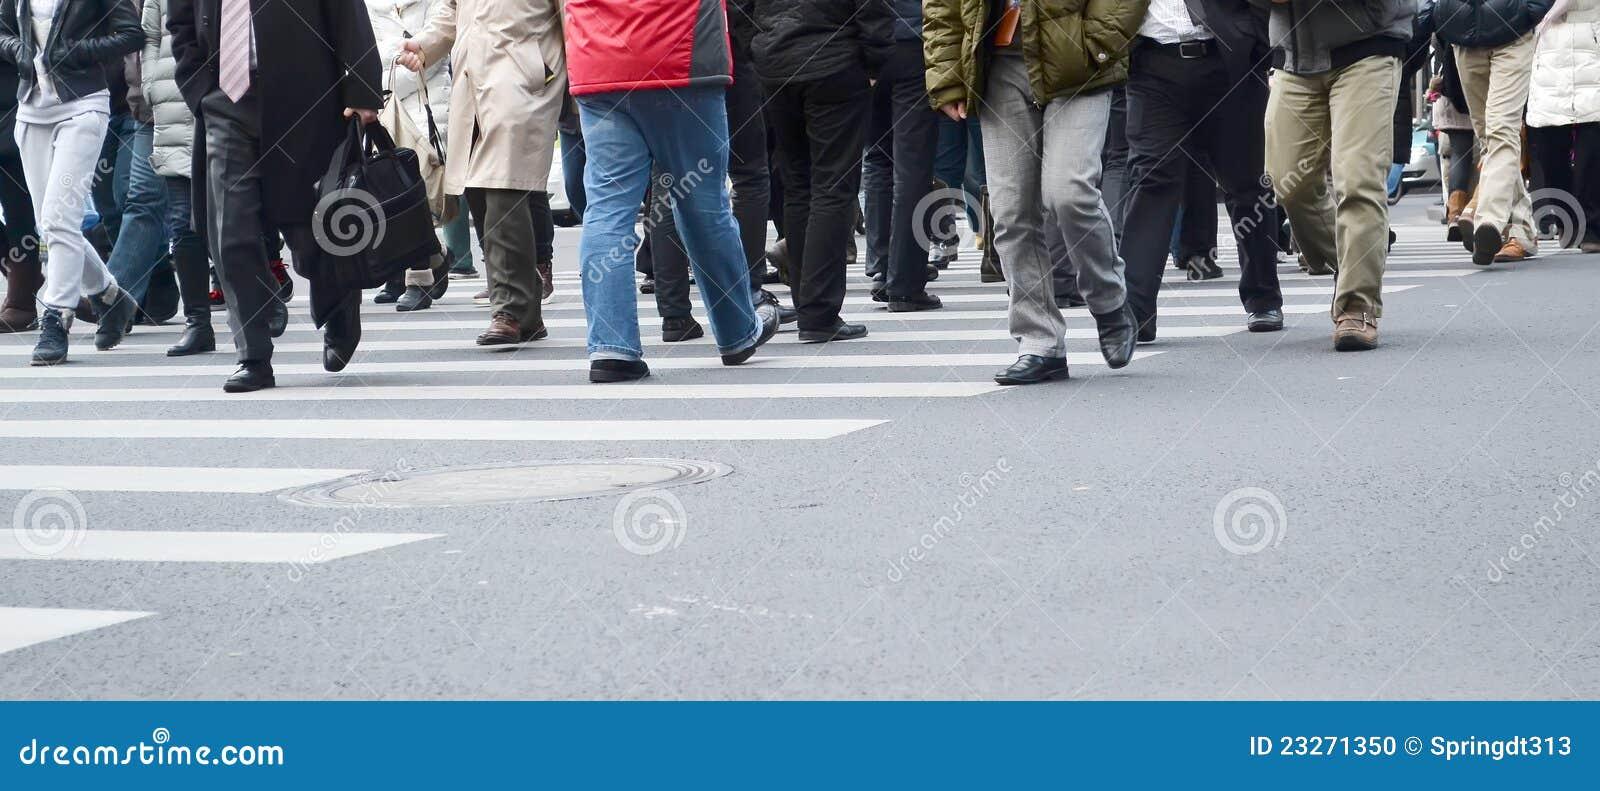 Busy walking people